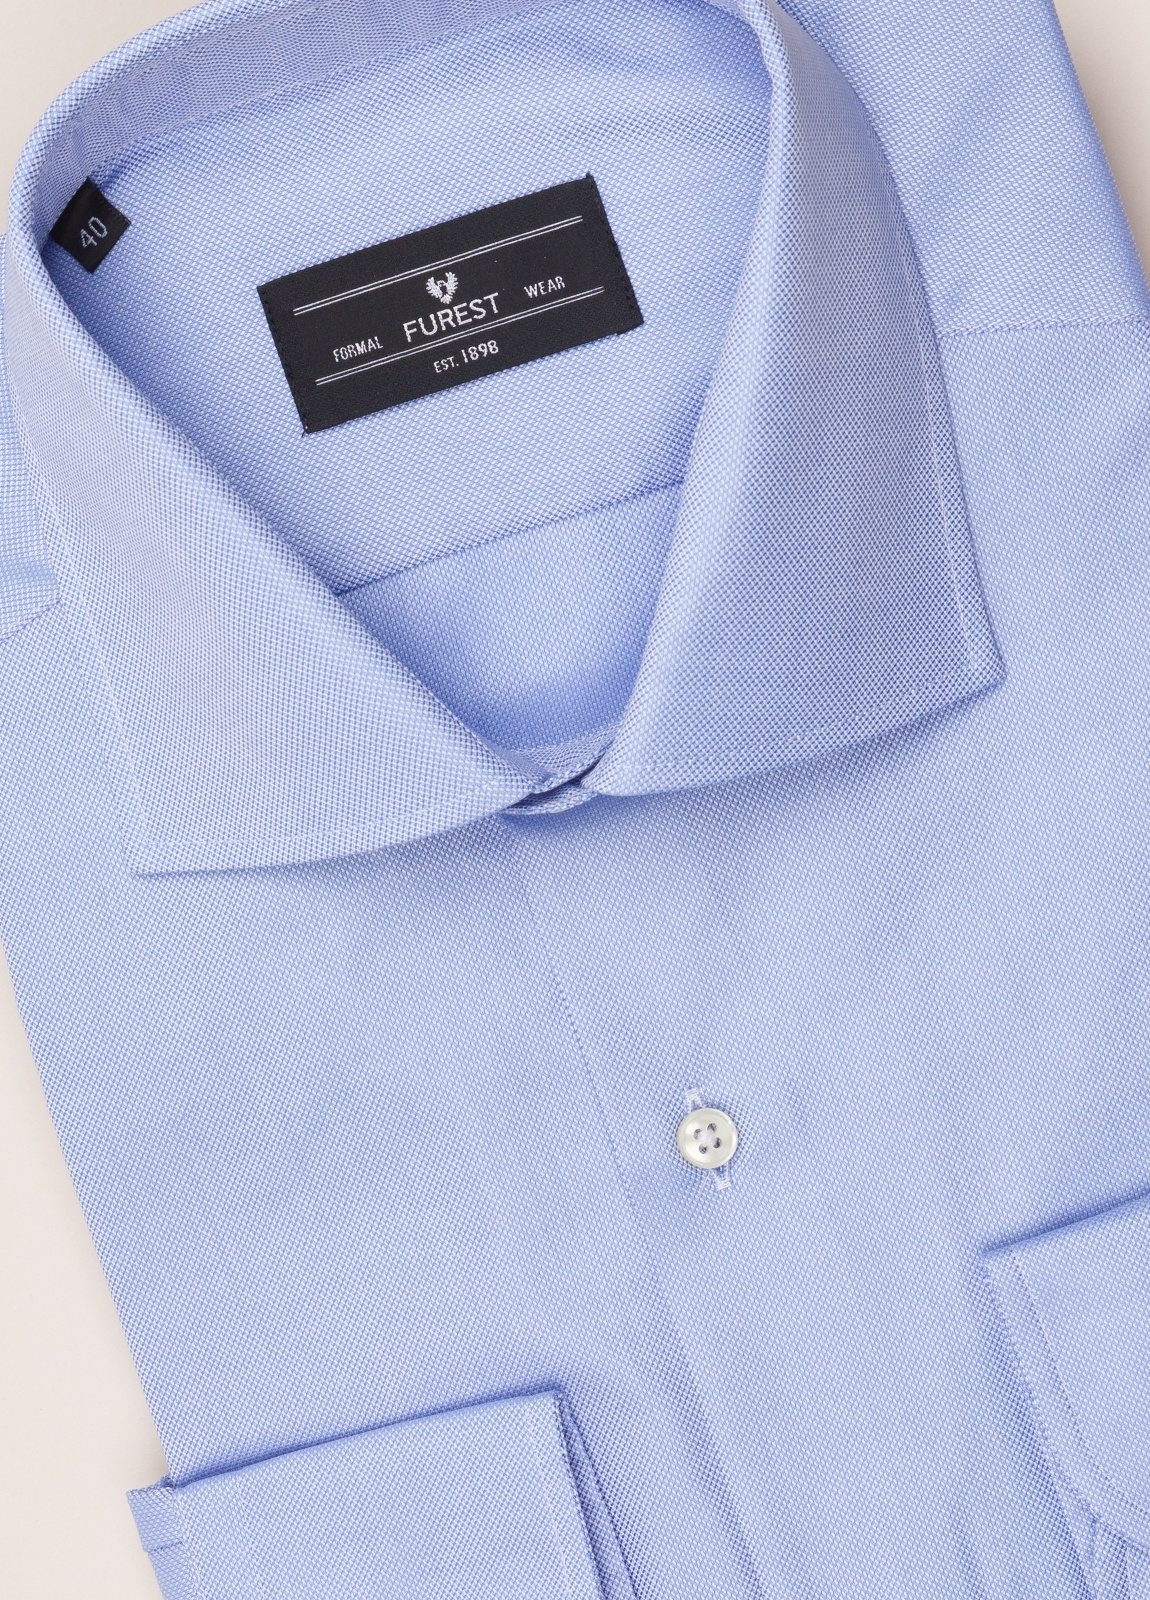 Camisa vestir FUREST COLECCIÓN REGULAR FIT celeste - Ítem1